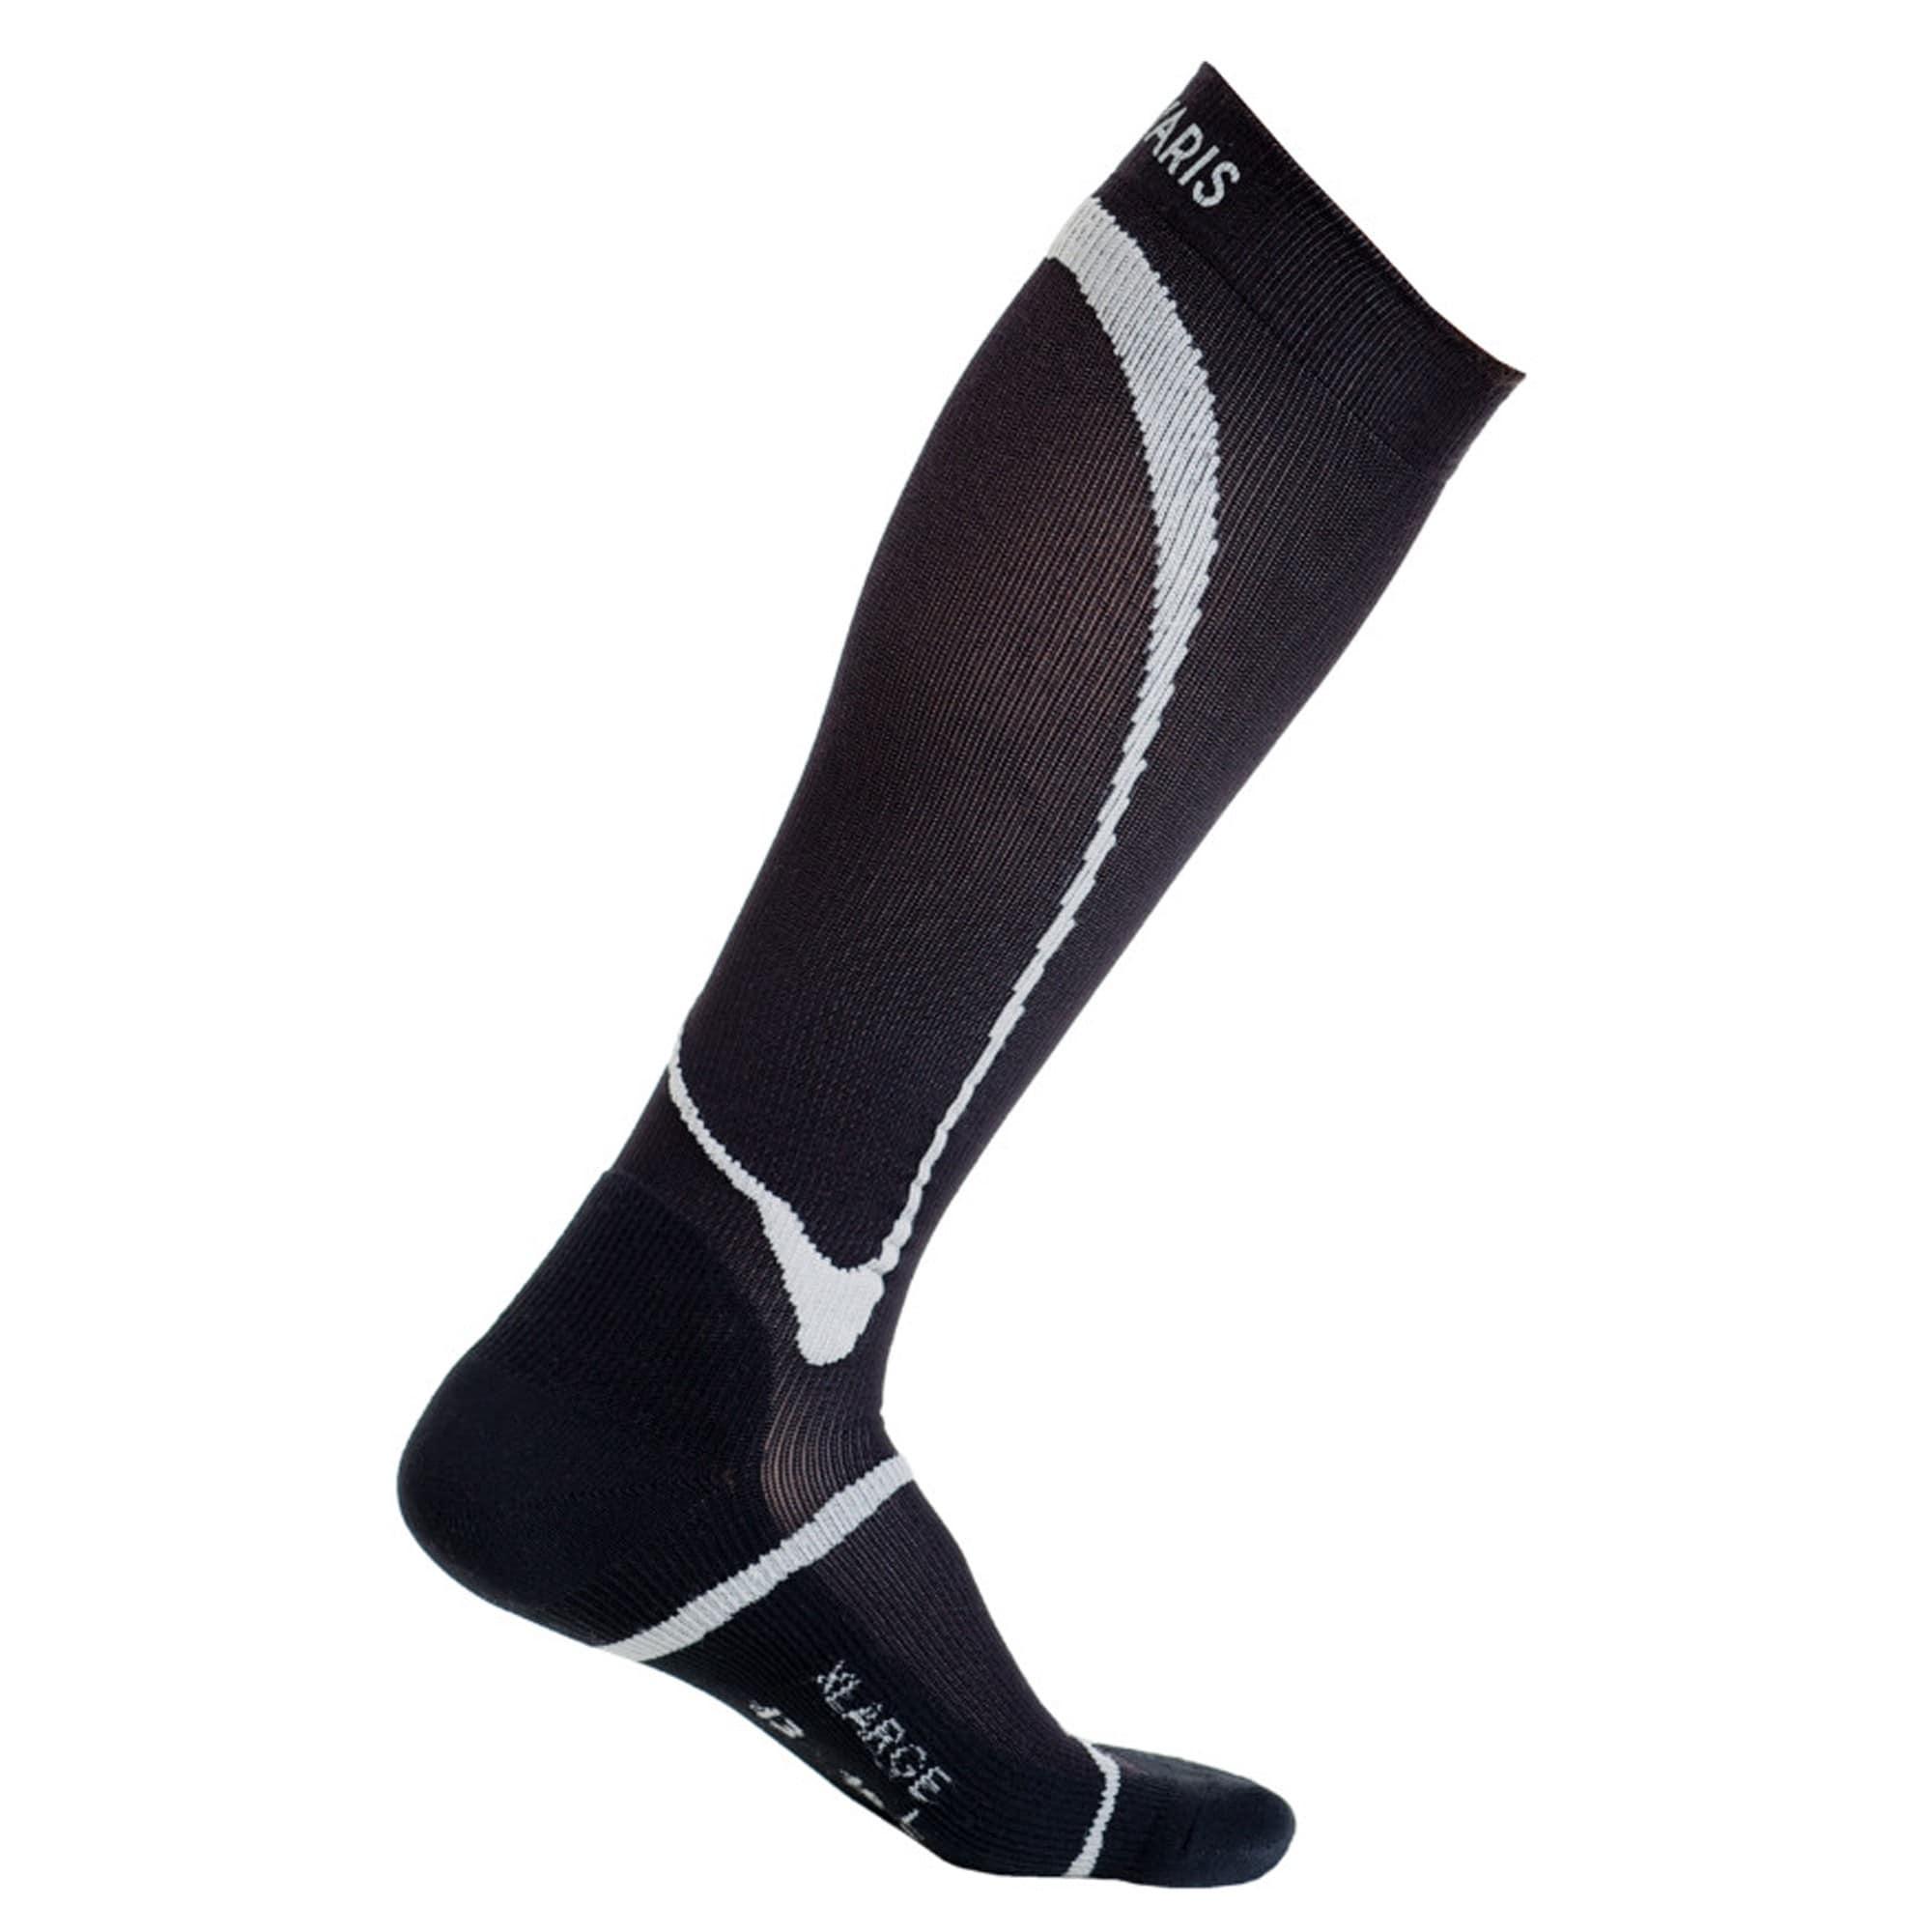 meias de compressao sao indicadas para quem fica tempo em pe